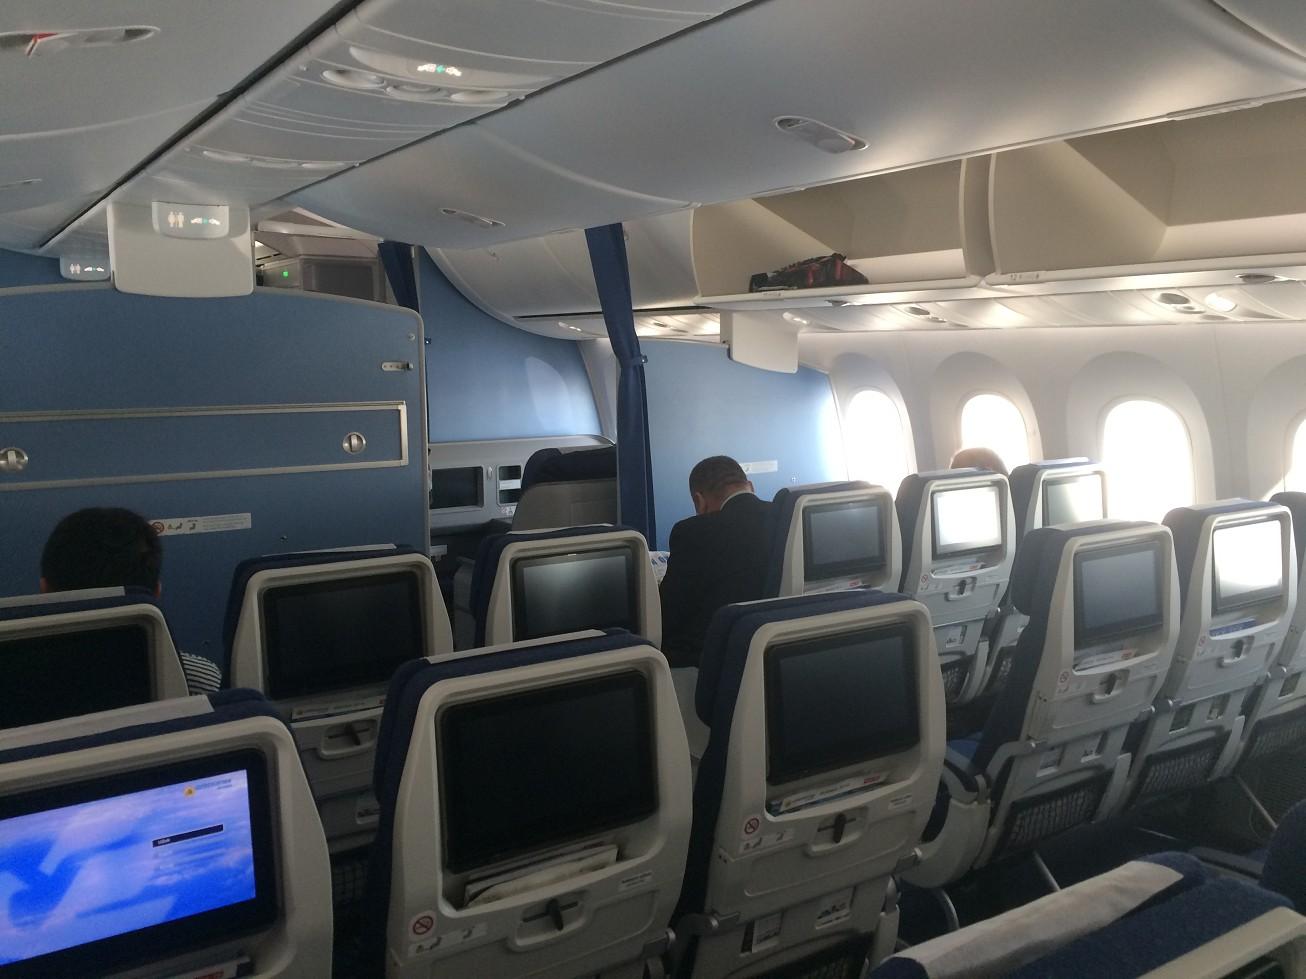 經濟艙均配有個人娛樂設備